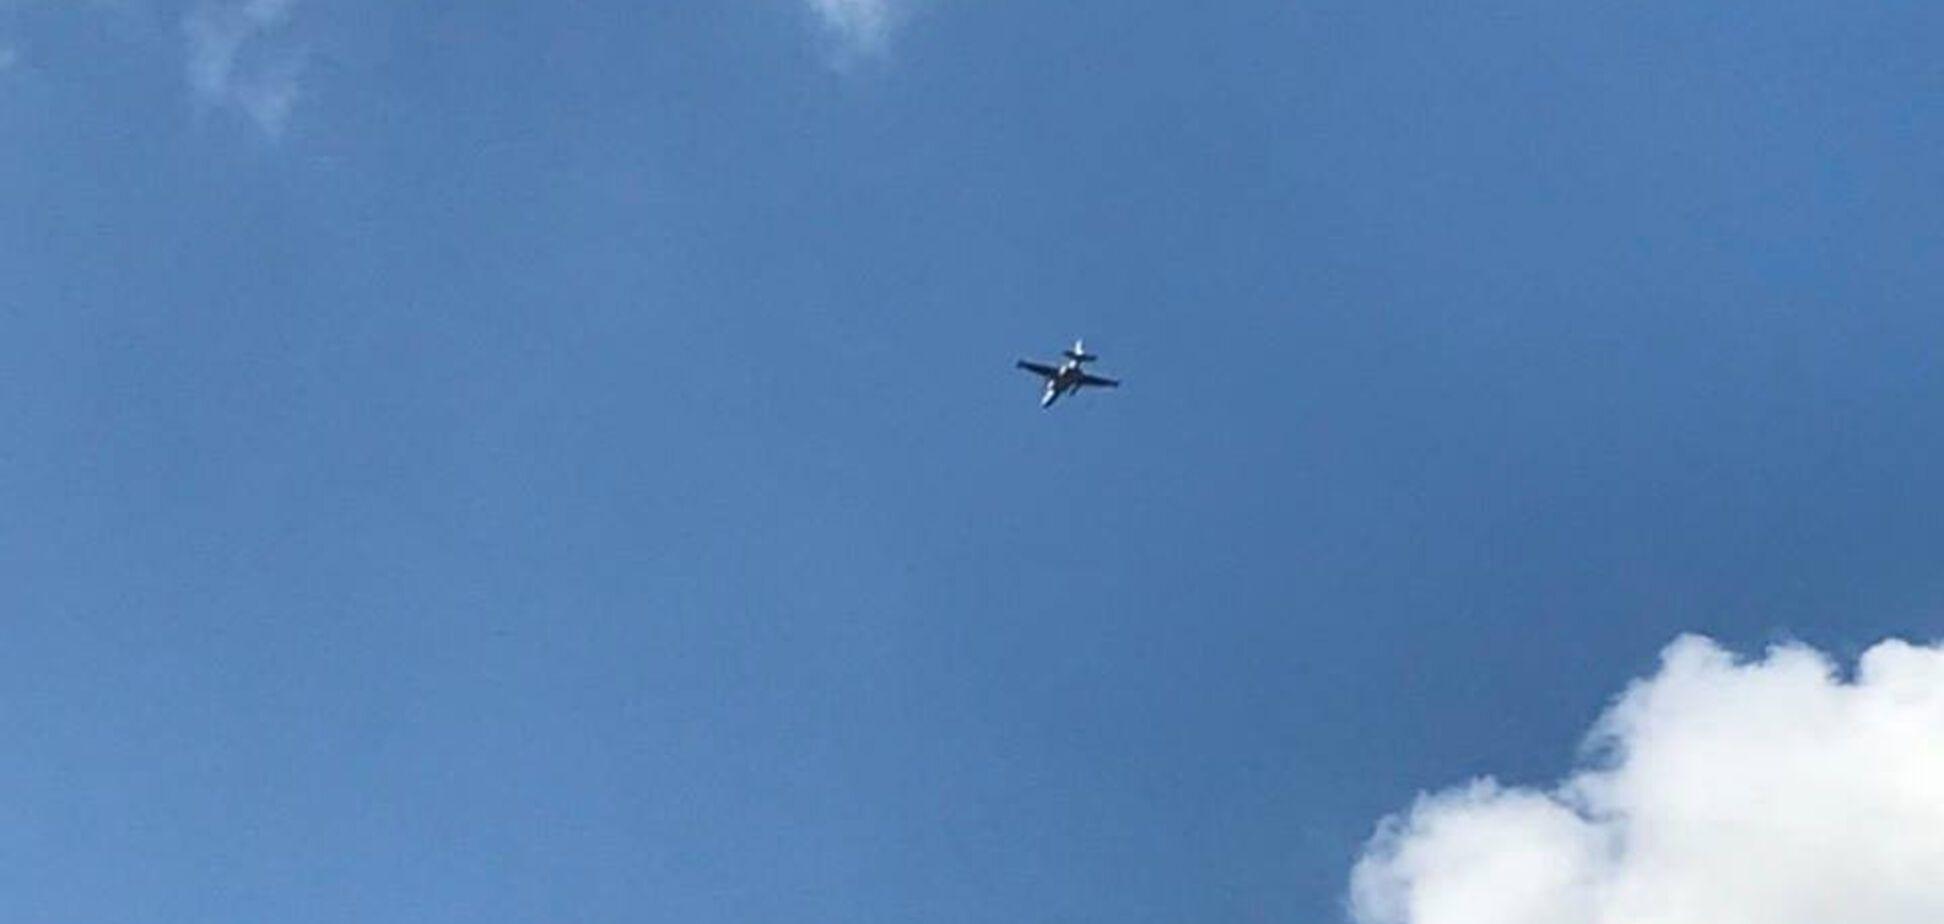 Над Мариуполем пронеслись военные самолеты: в городе переполох